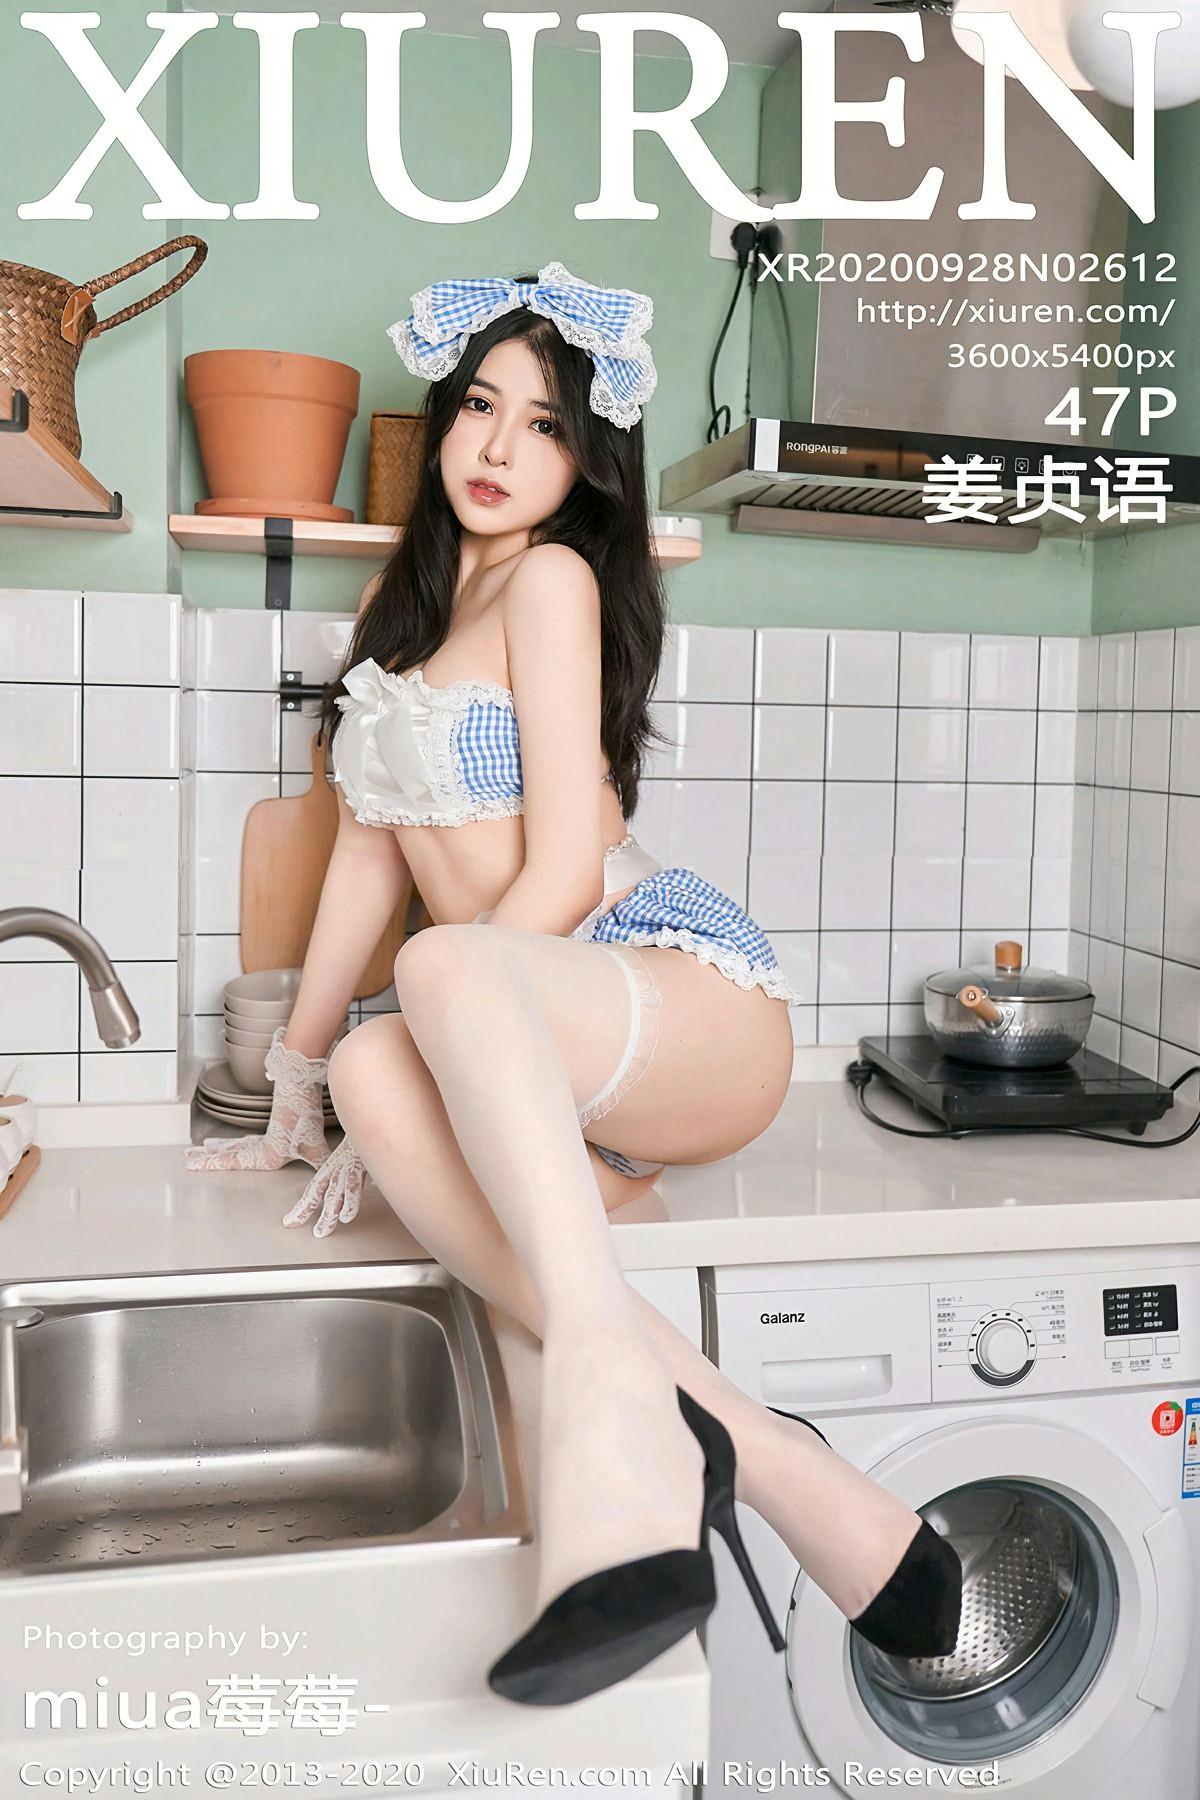 [XiuRen秀人网] 2020.09.28 No.2612 姜贞语 第1张